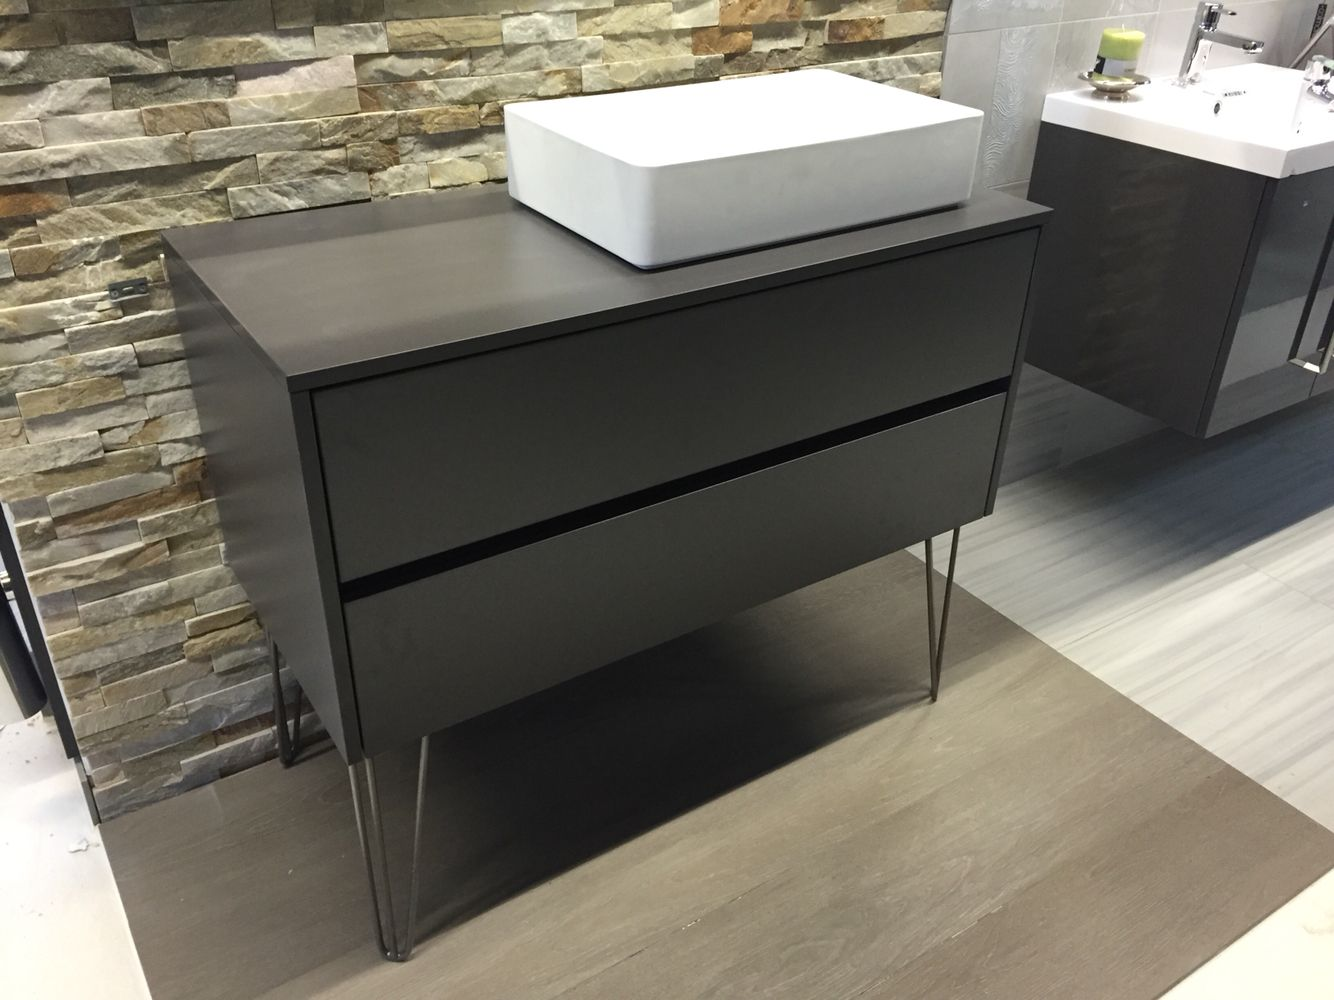 Badezimmermöbel Stehend ~ Stand badmöbel mit zwei schubladen und griffmulde auf metallfüßen in